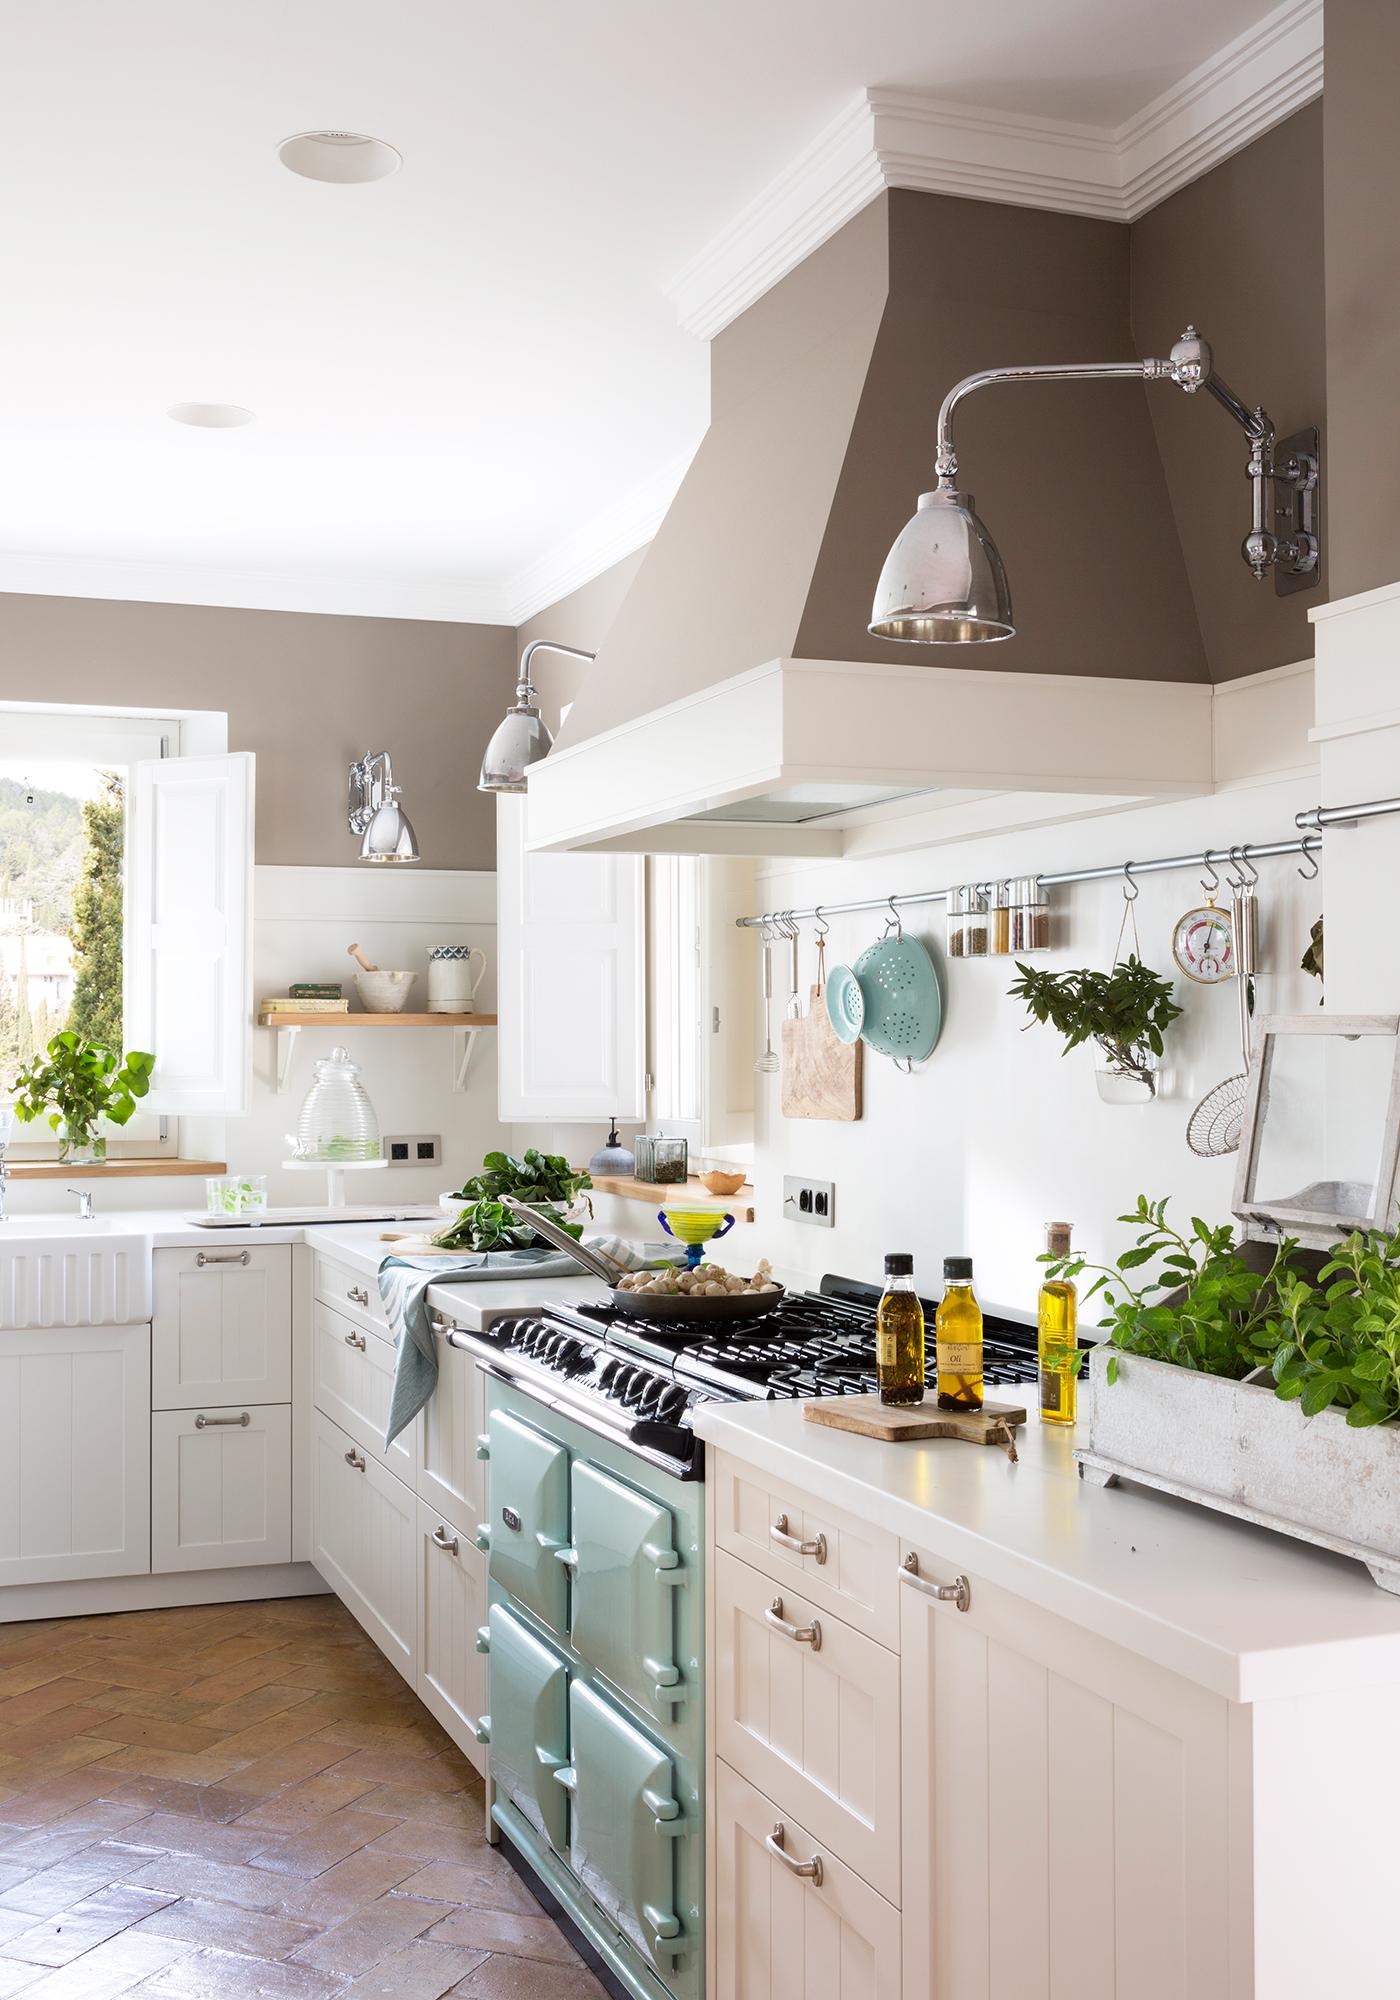 Muebles de cocina elmueble - Muebles cocina blanco ...